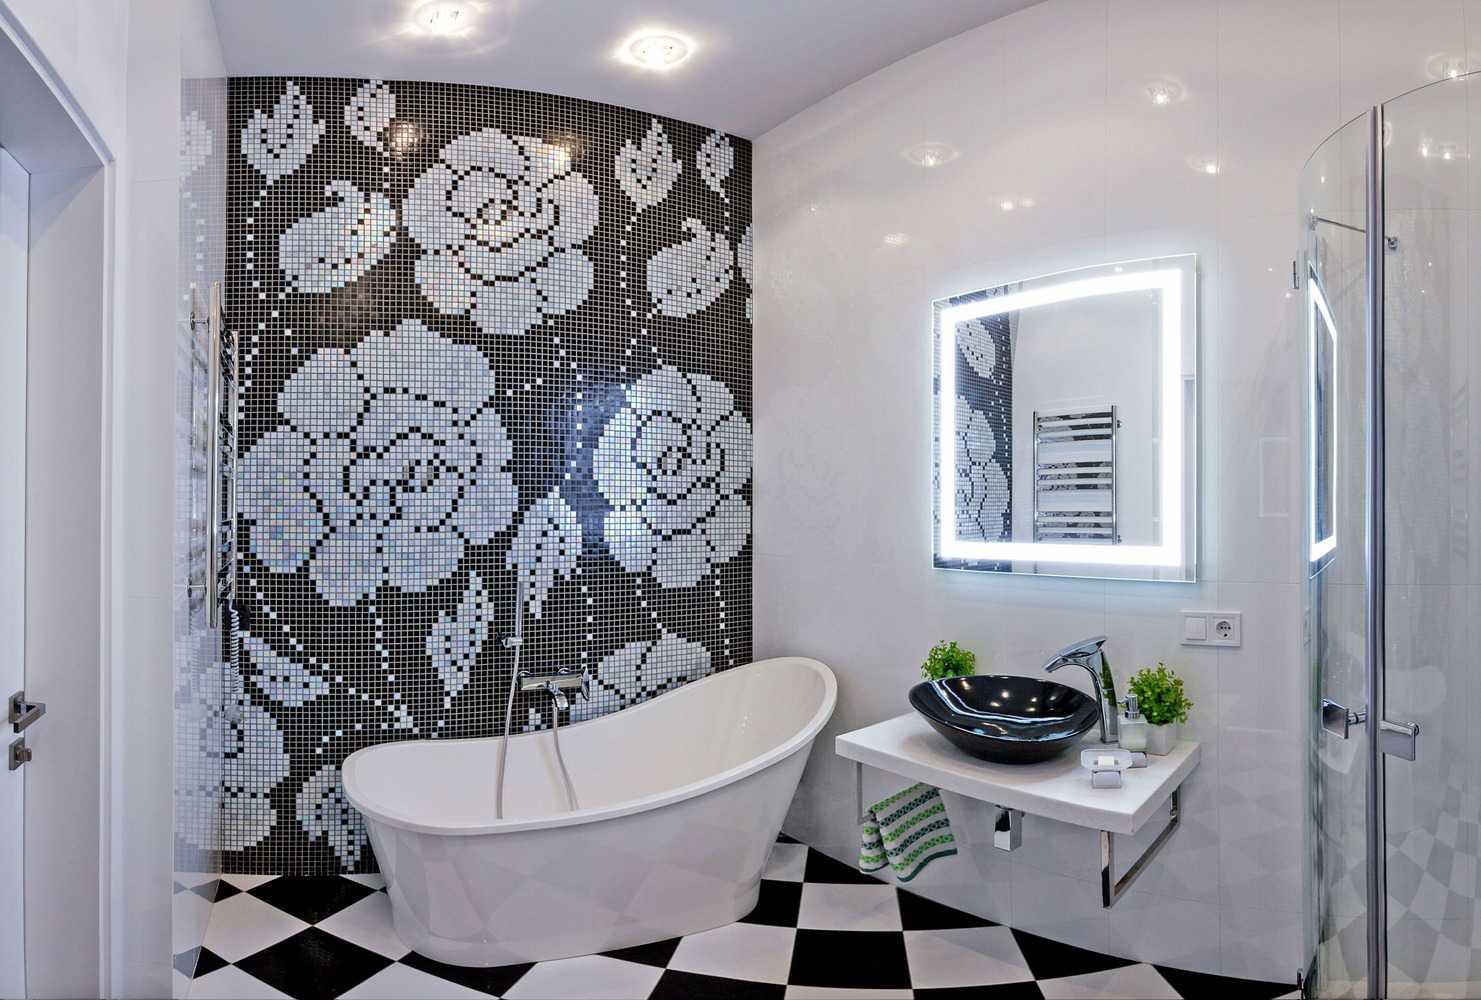 Дизайн ванной комнаты в черно-белых тонах: секреты интерьера